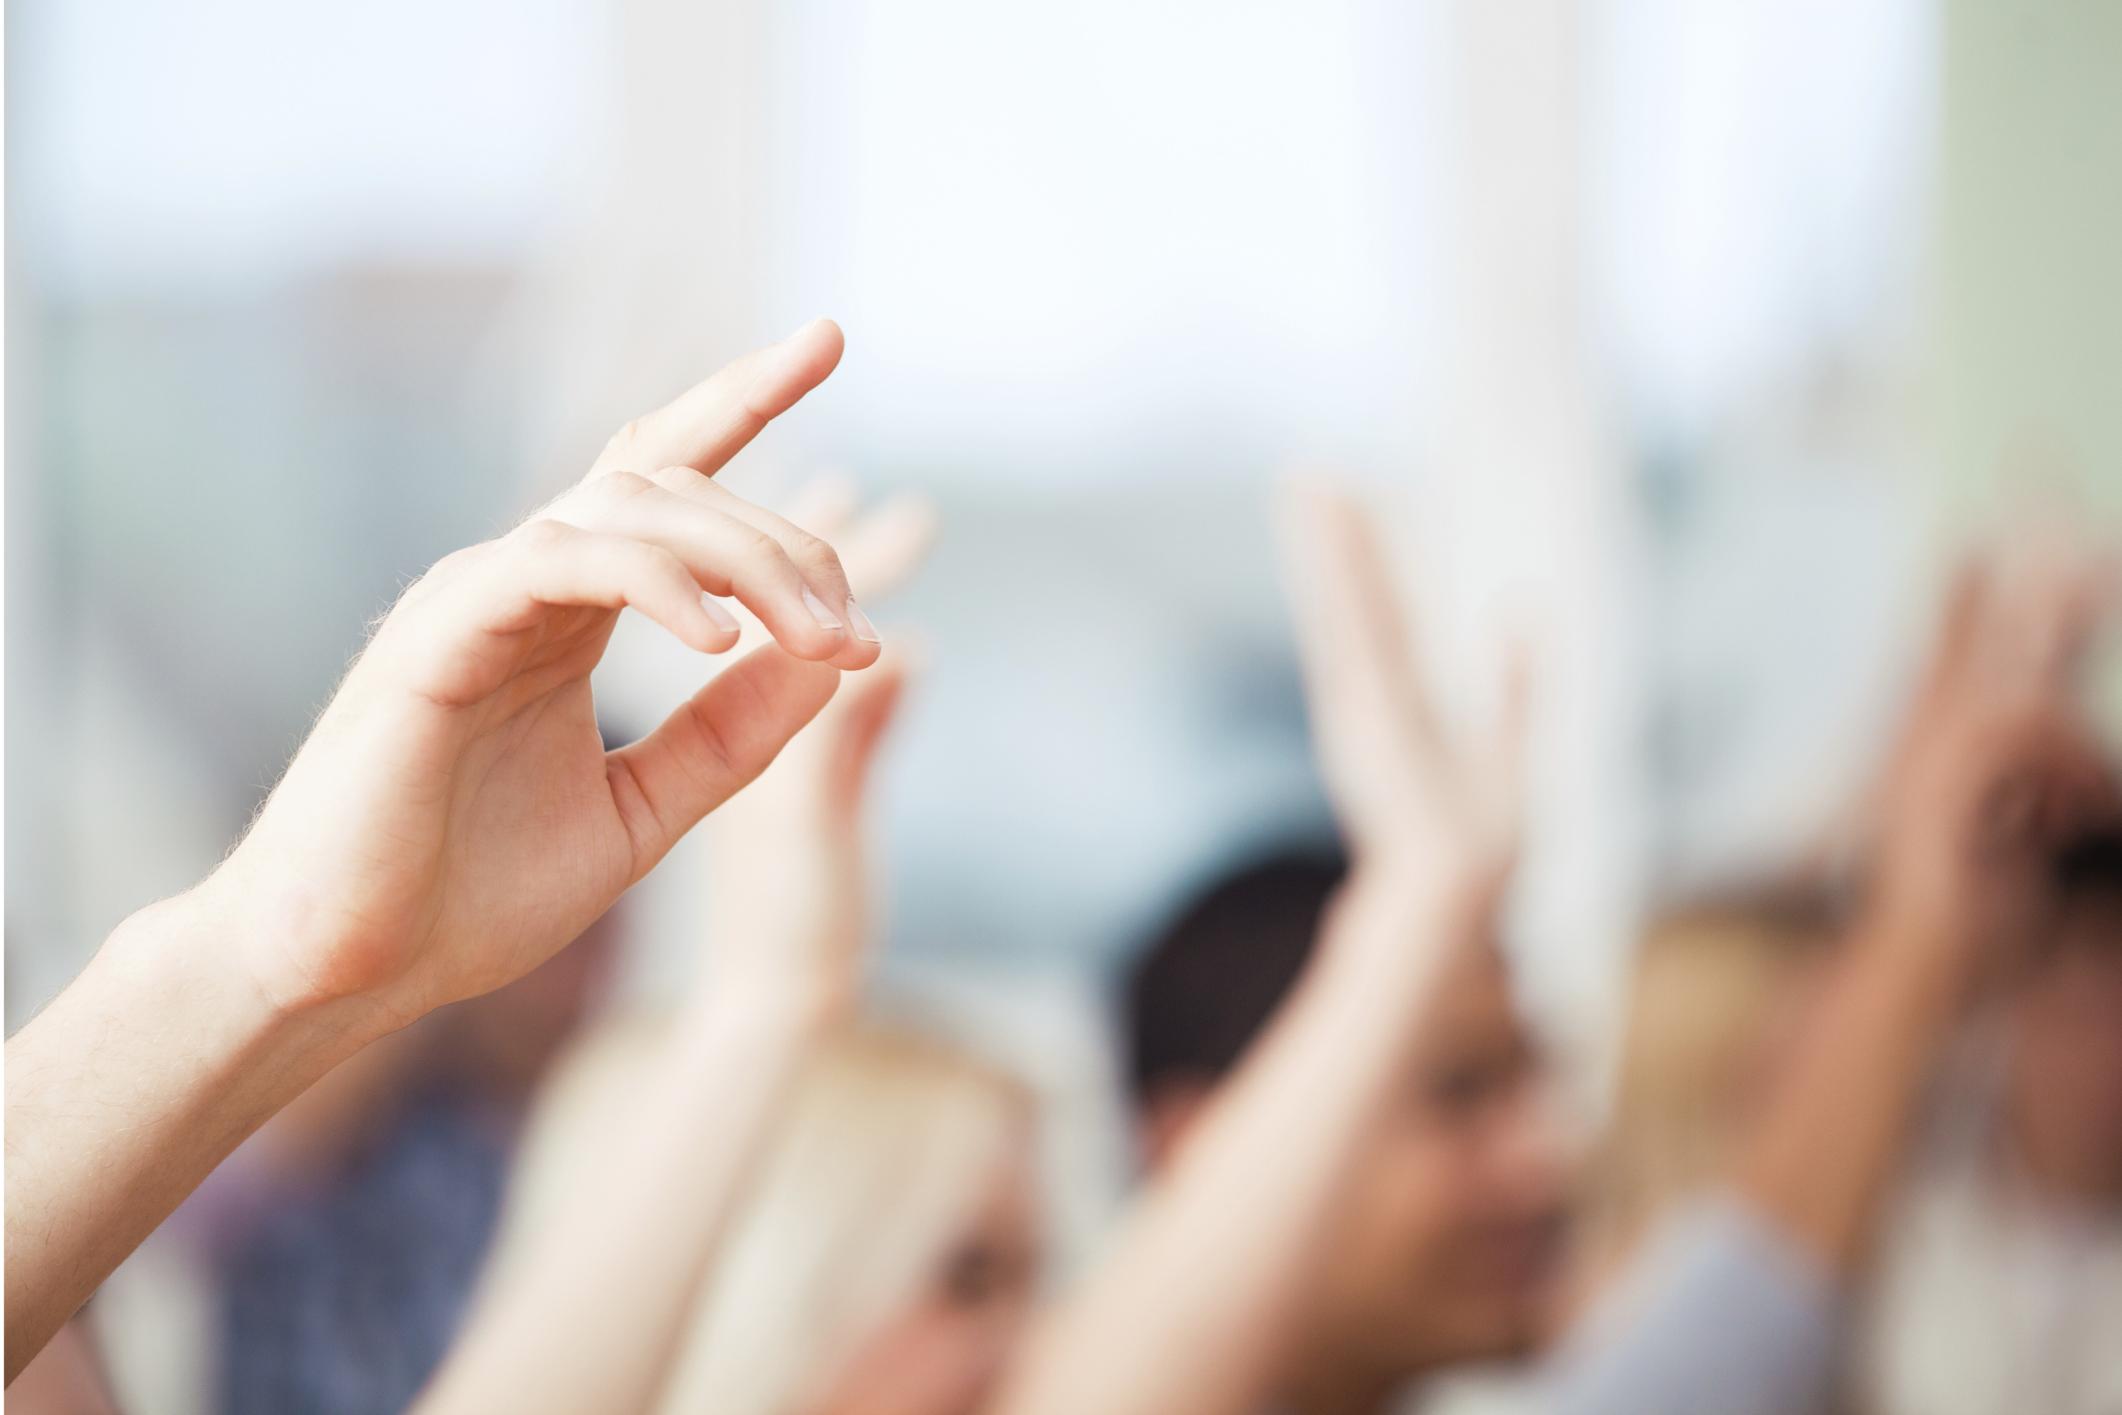 Foredrag som skaper endring - Siden 2008 har vi holdt foredrag for små og store grupper, utviklet workshops, konferanser og skreddersydde seminar for positiv endring. Vi er et naturlig førstevalg når ledere og spesialister ønsker faglig påfyll, motivasjon og kompetanse.